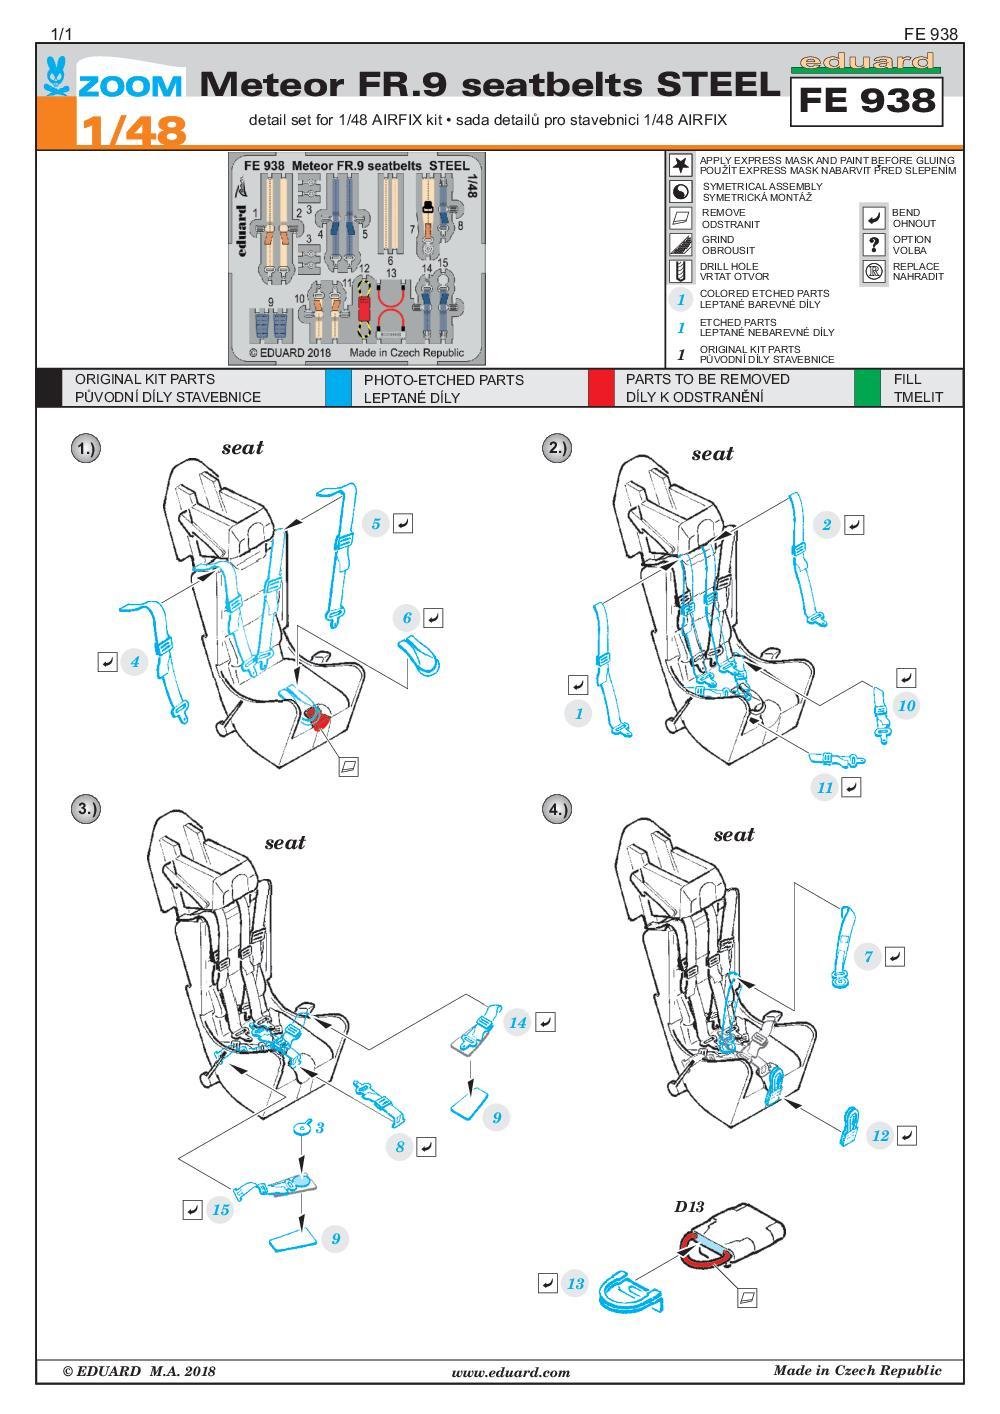 Eduard-FE-938-MEteor-FR.9-Seatbelts-STEEL Eduard-Zubehör für die Meteor FR.9 von Airfix in 1:48 # FE 938 und EX 623